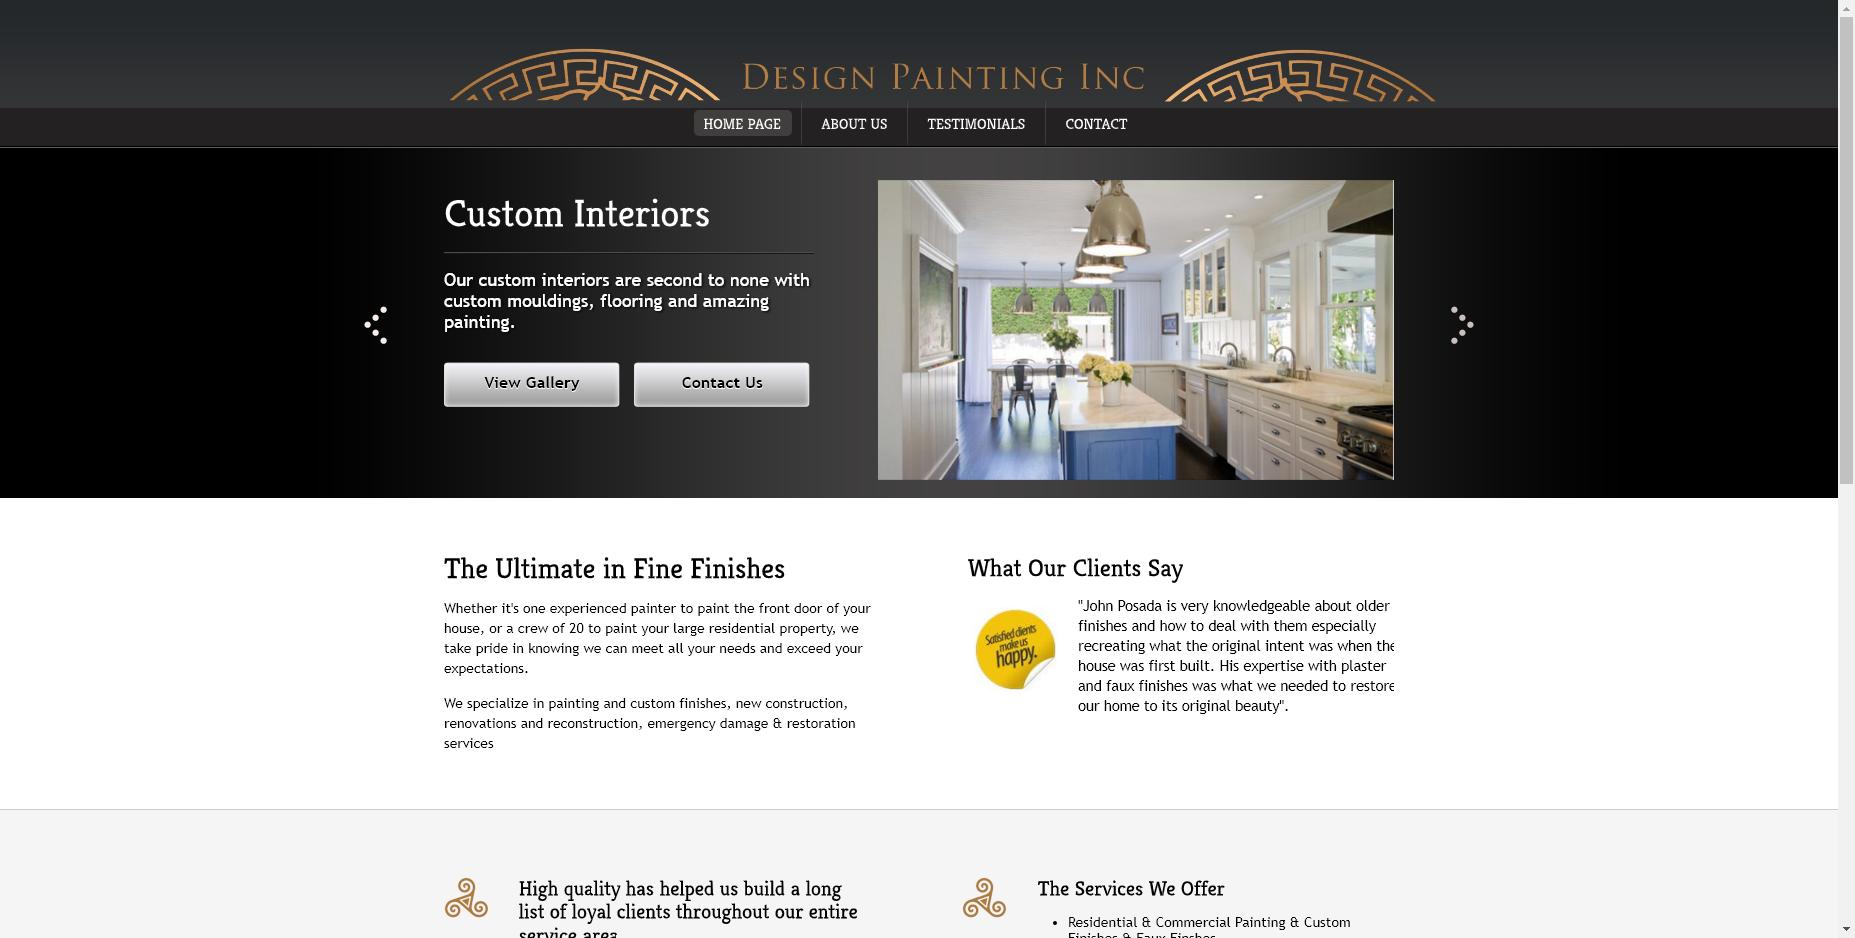 designpainting.com